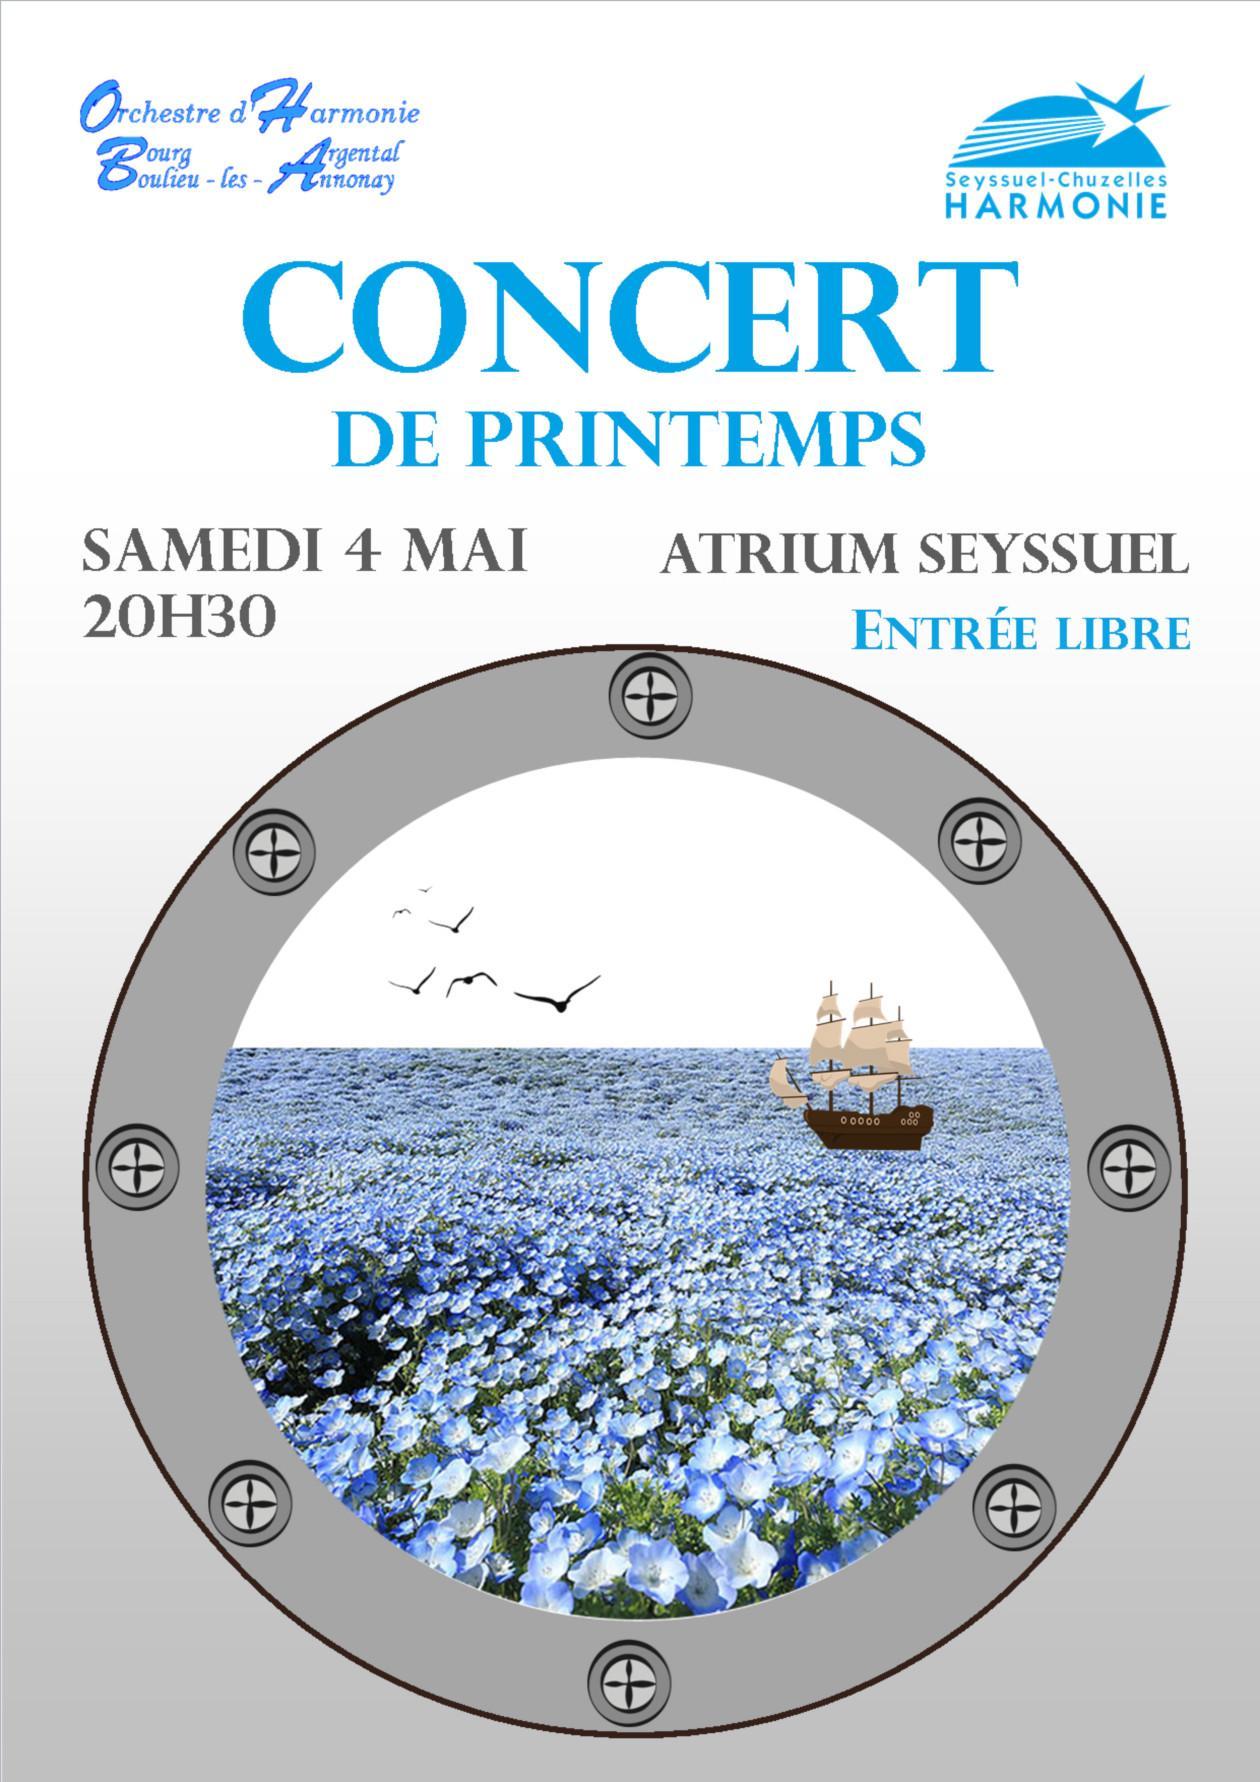 Affiche Concert Printemps 2019 Harmonie de Seyssuel Chuzelles